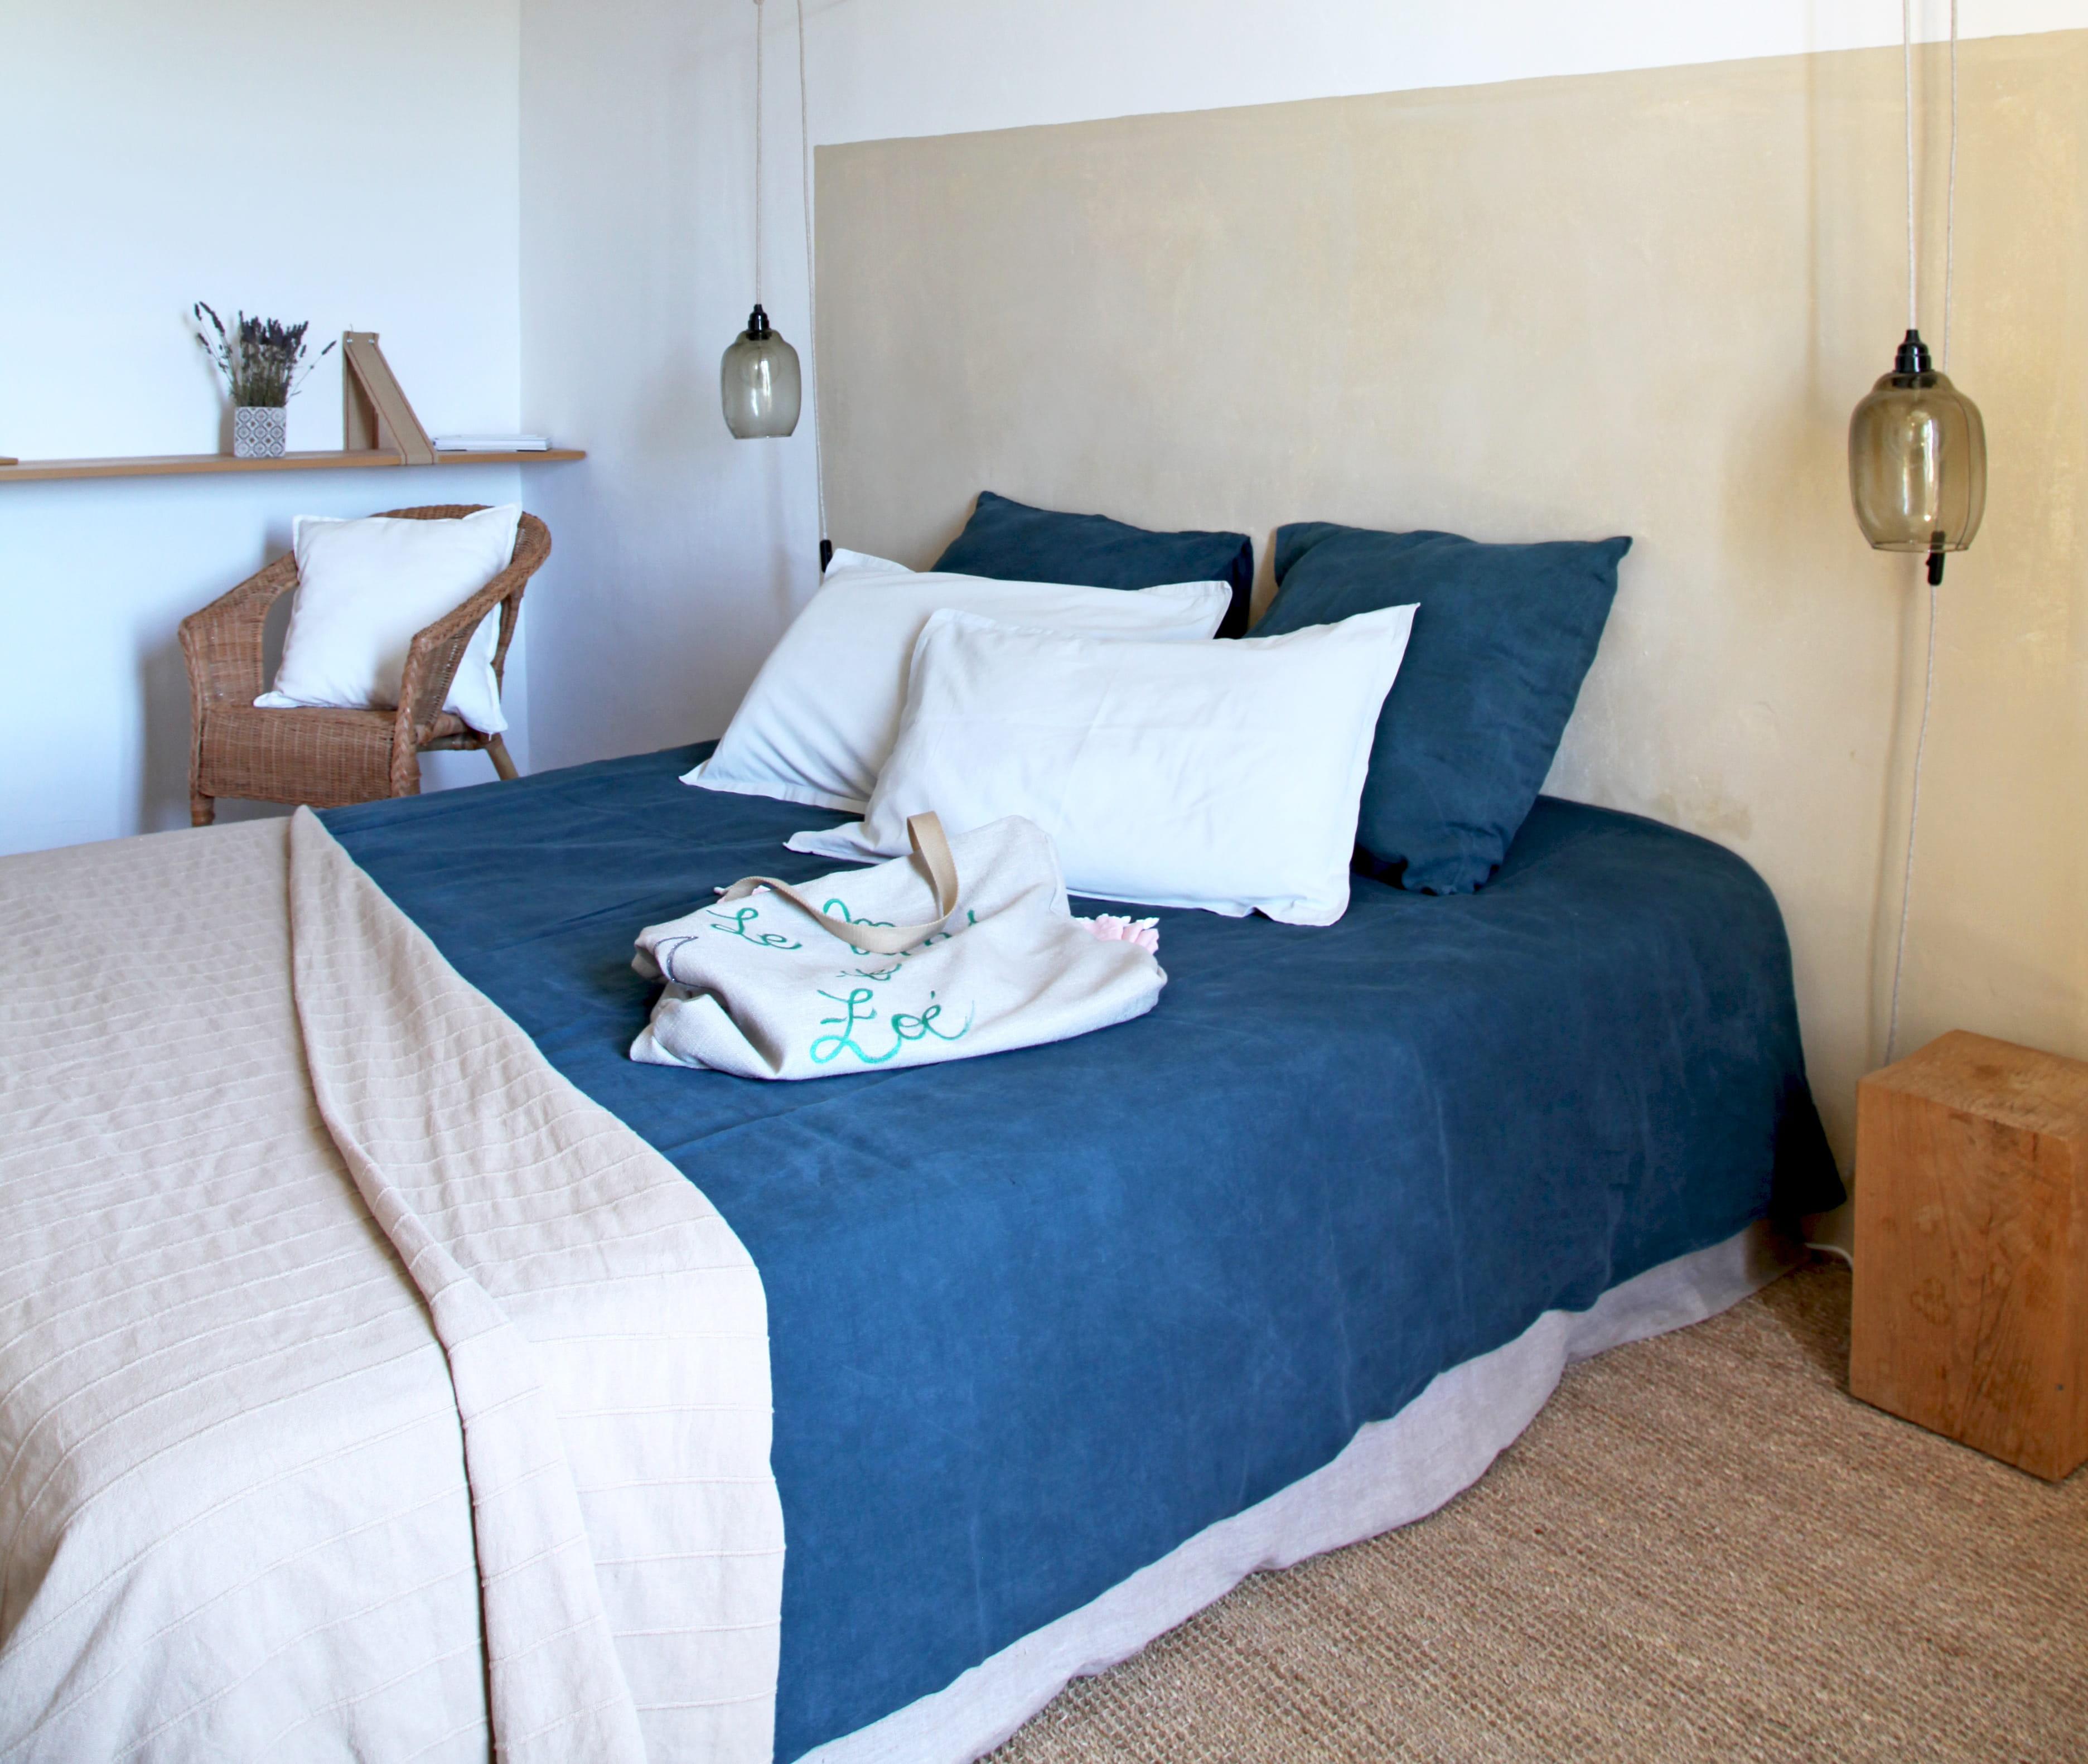 comment associer les couleurs en d coration. Black Bedroom Furniture Sets. Home Design Ideas